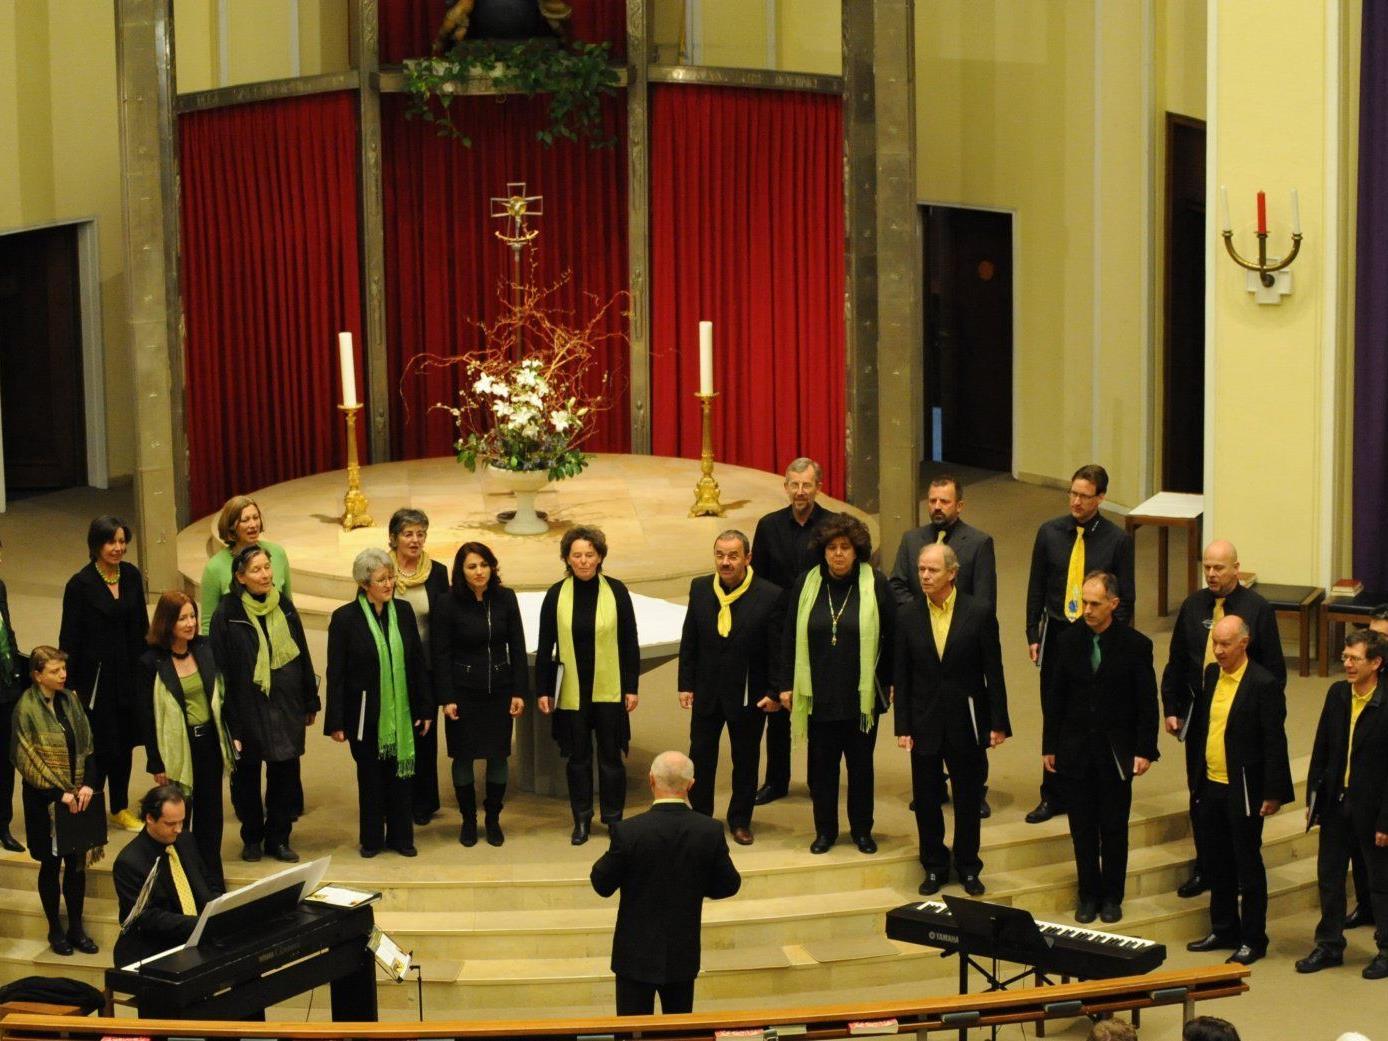 Der Chor Hlahol gestaltet am 25. März 2012 den Gottesdienst in der Pfarrkirche in Muntlix.